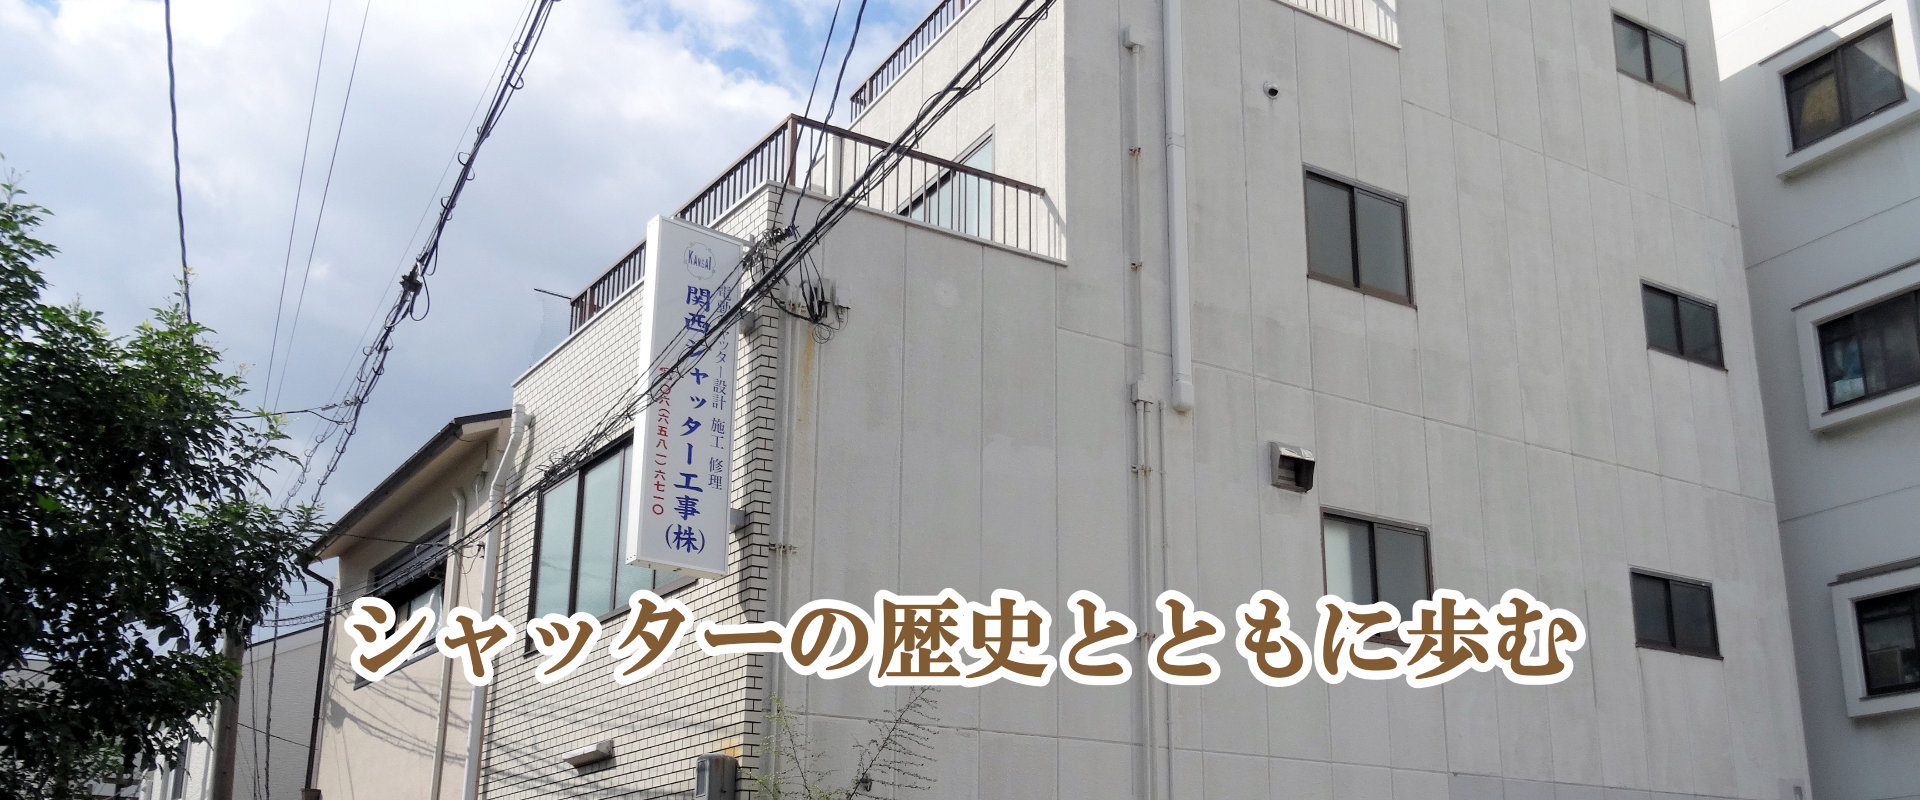 関西シャッター工事株式会社1